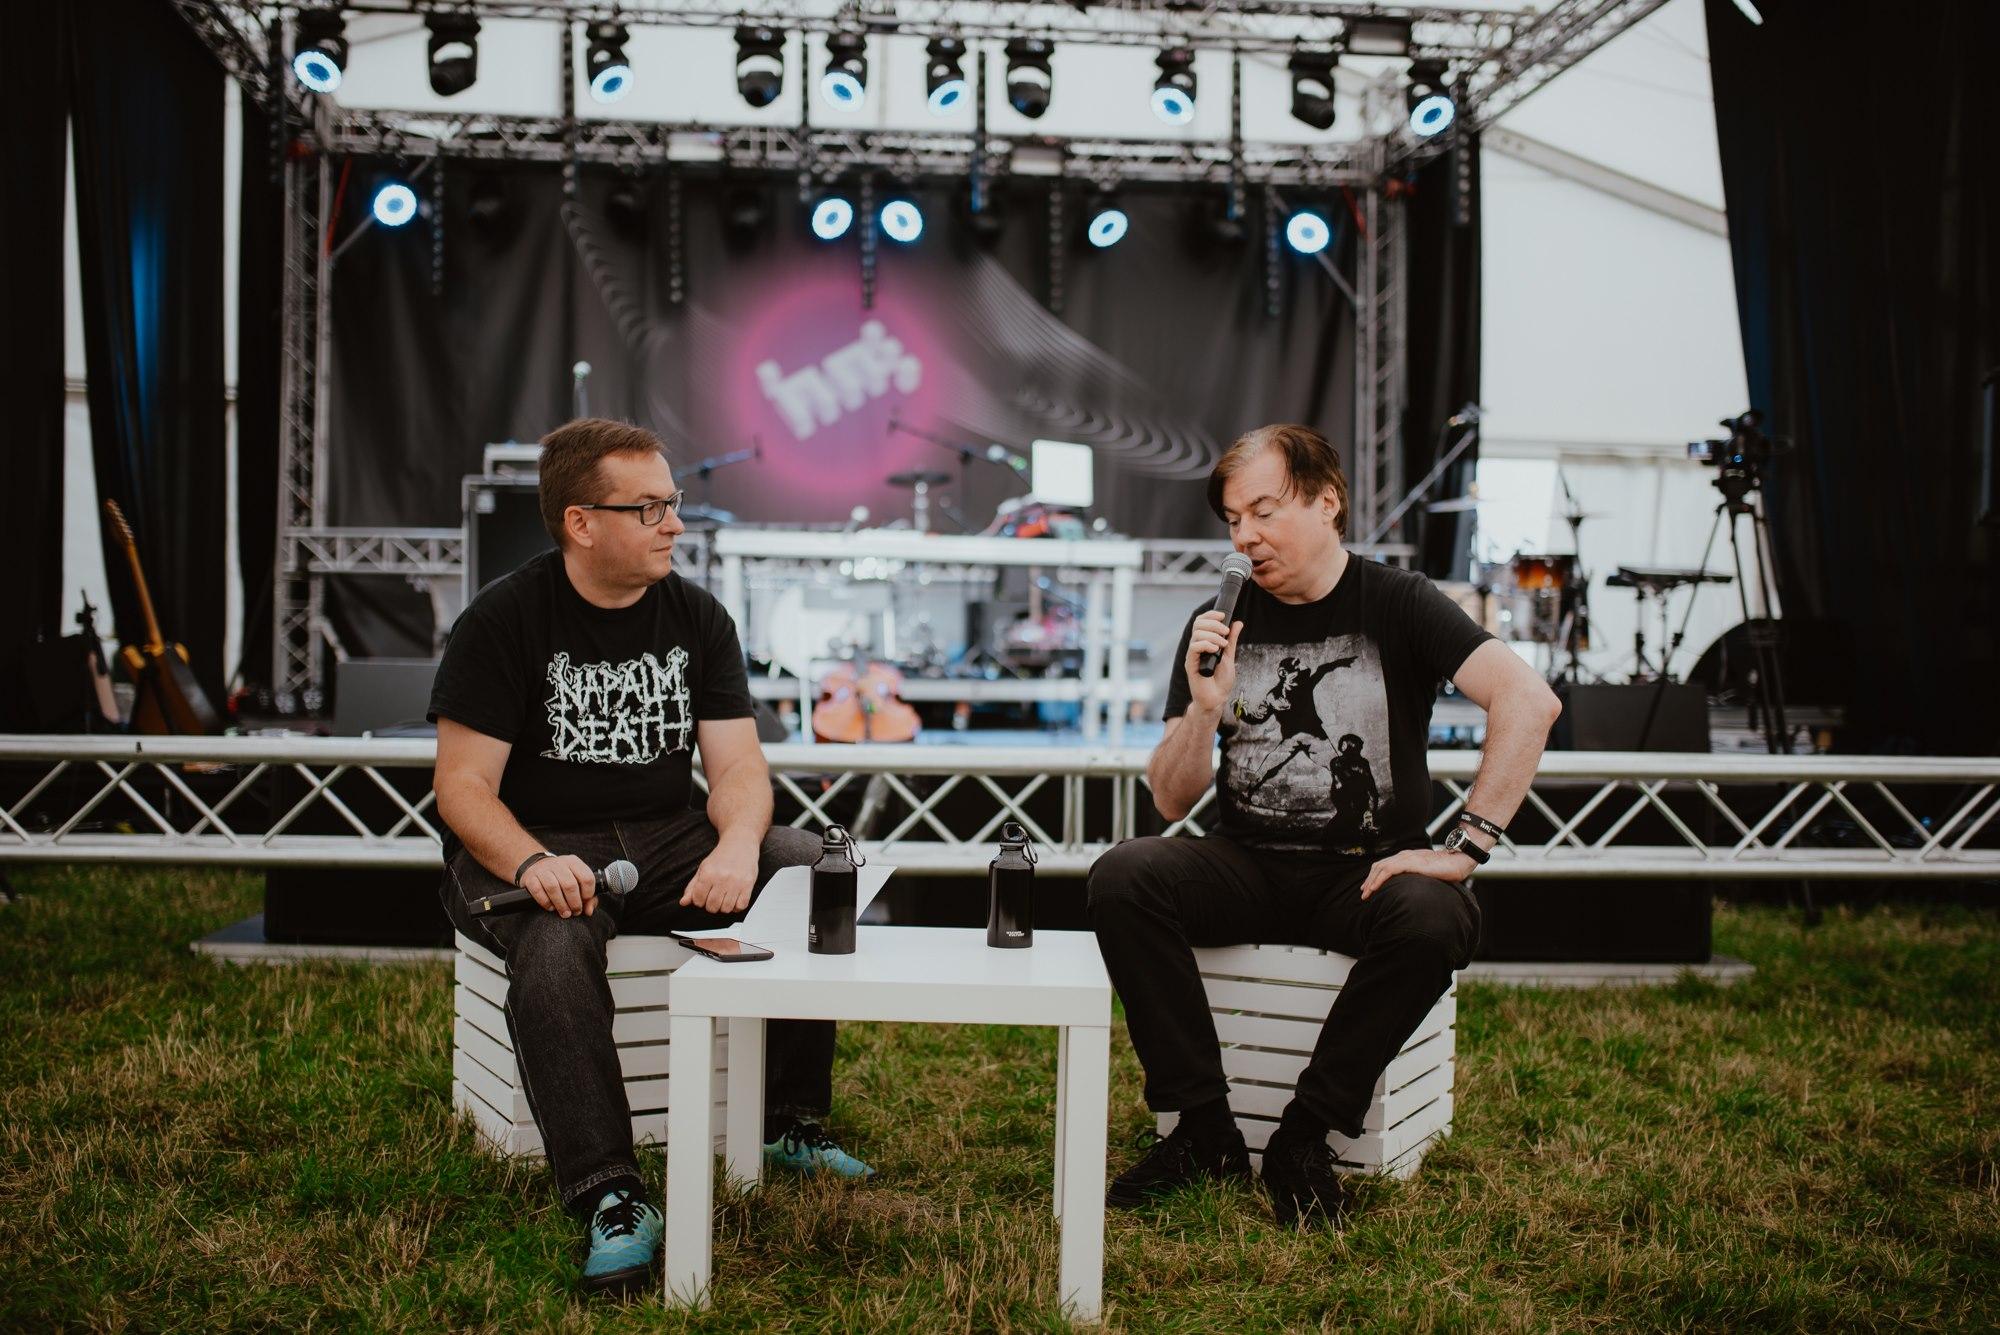 [Zdjęcie przedstawia dwóch mężczyzn siedzących na białych skrzynkach przy białym stoliku. Skrzynki są ustawione na trawie przed sceną, na której widnieje logo festiwalu Wschód Kultury  Inne Brzmienia. Na scenie widoczne są także instrumenty muzyczne oraz wysoko zawieszone światła. Jeden z mężczyzn wypowiada się do mikrofonu, drugi słucha z zainteresowaniem trzymając swój mikrofon w dłoni położonej na kolanie. Mężczyźni ubrani są w czarne koszulki z jasnymi nadrukami oraz ciemne spodnie.]